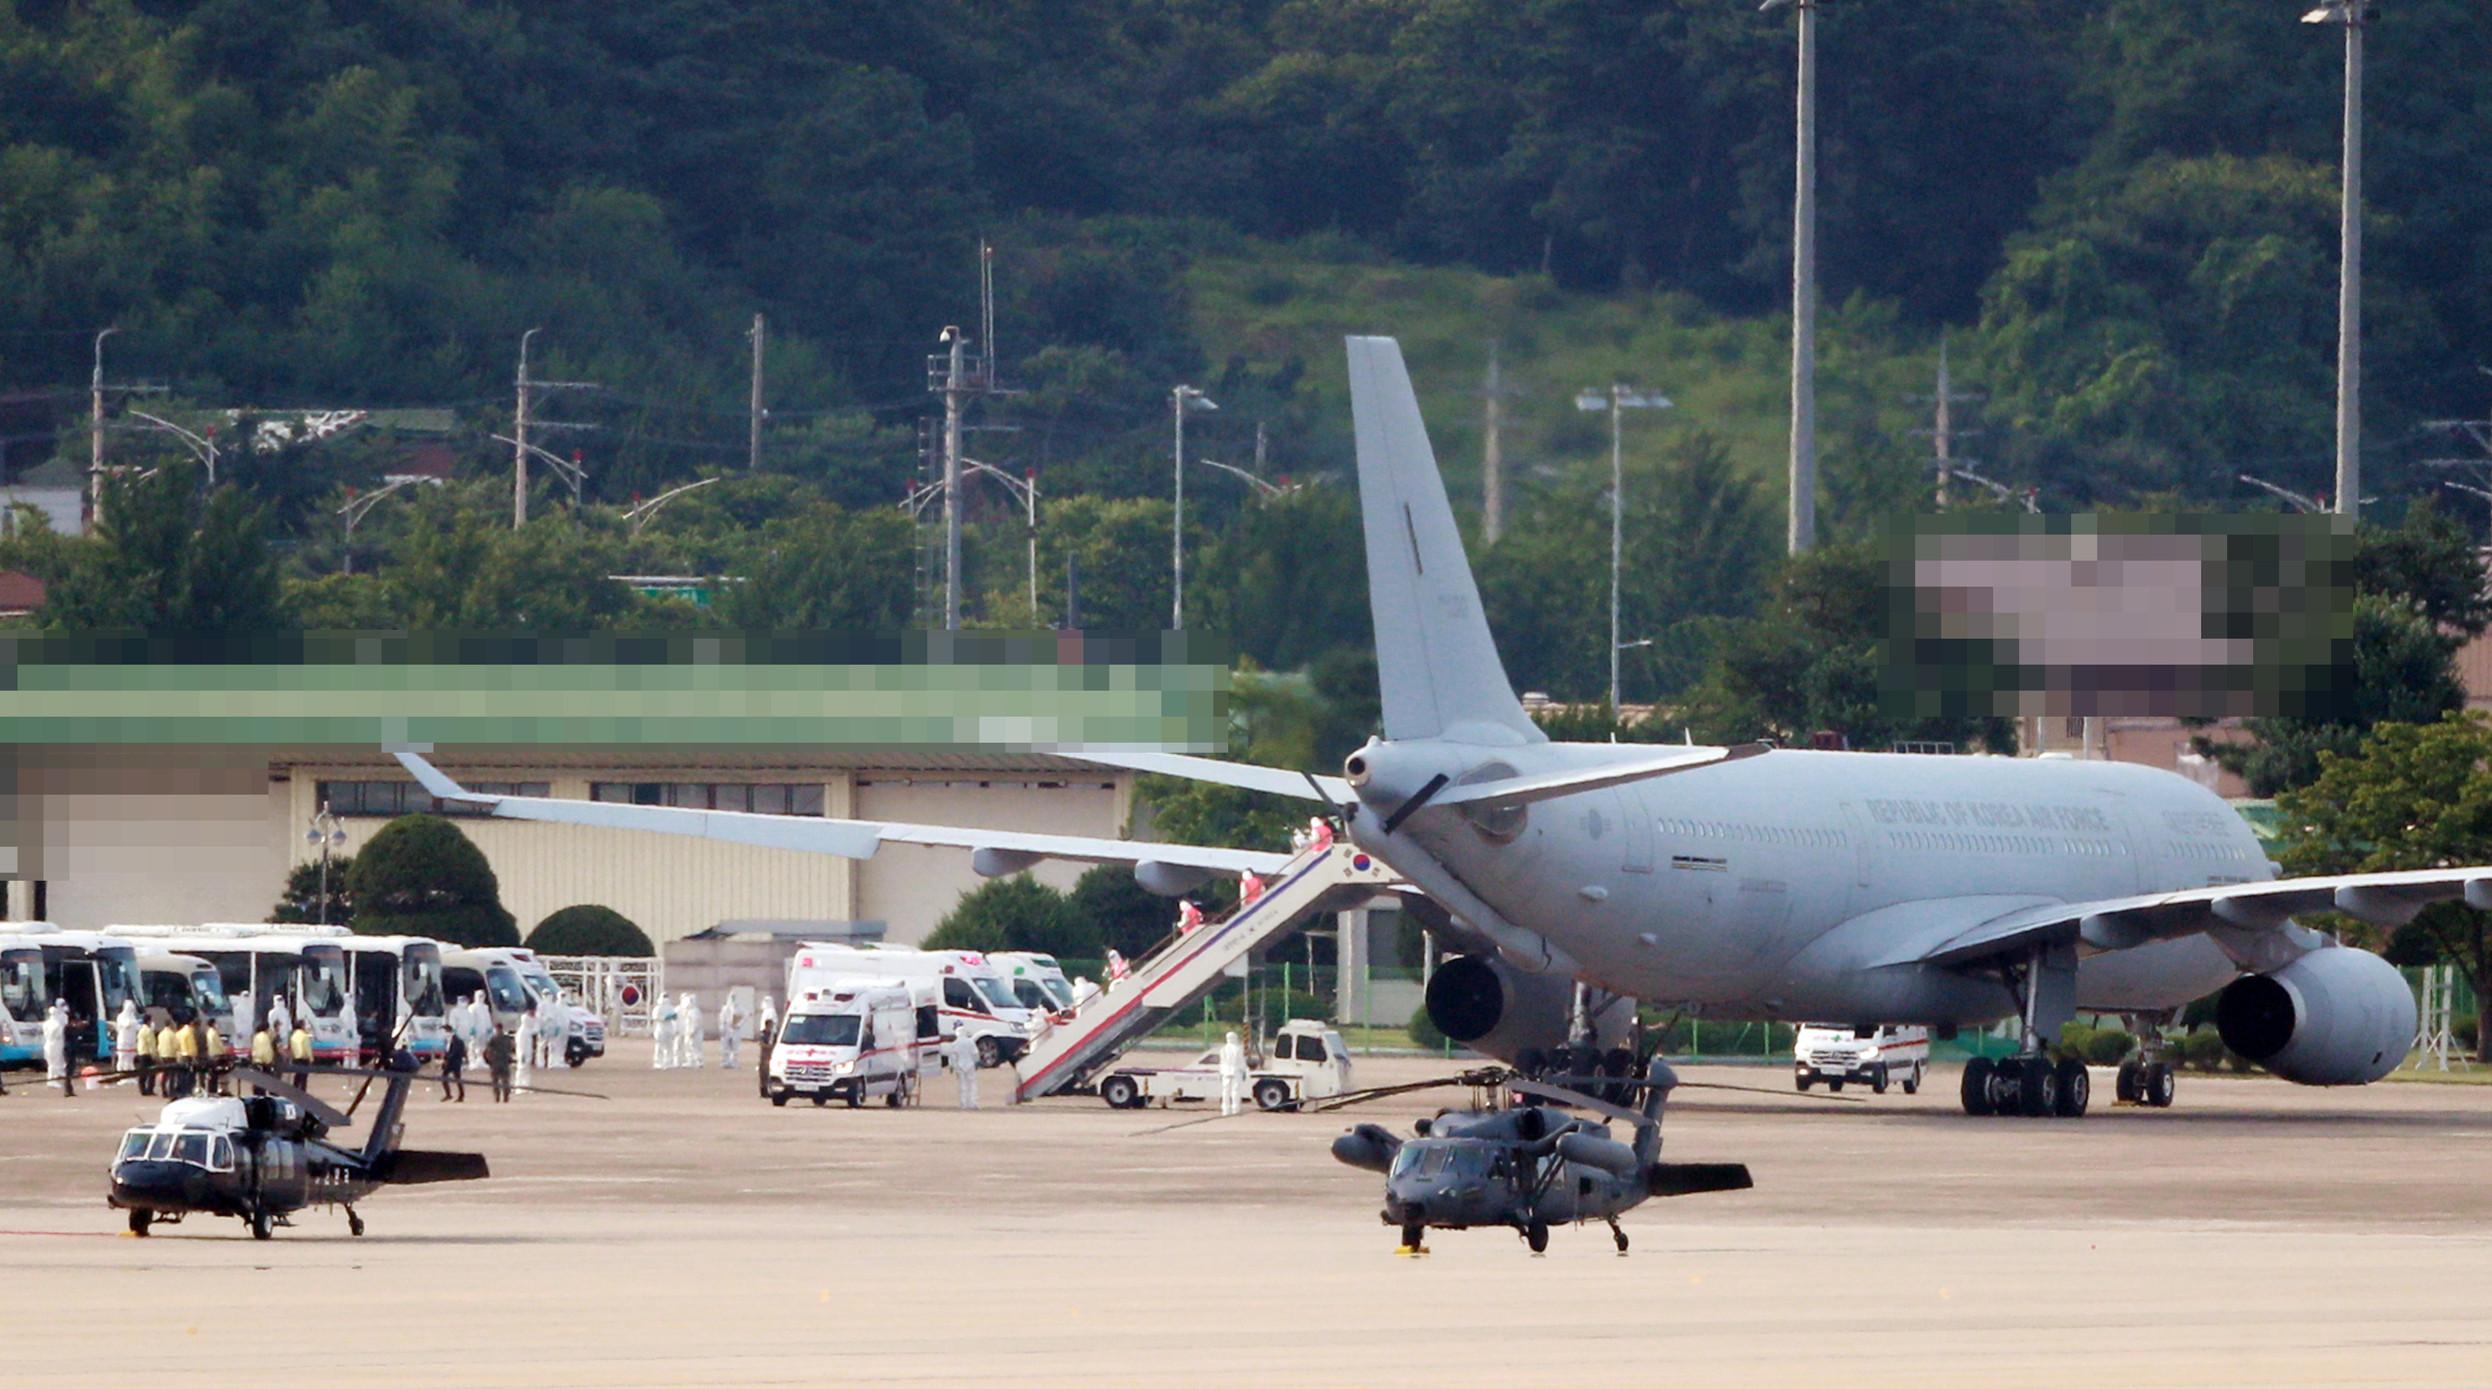 ▲▼2架搭載清海部隊第34梯隊301人的空中加油運輸機,20日抵達城南首爾機場。(圖/達志影像)